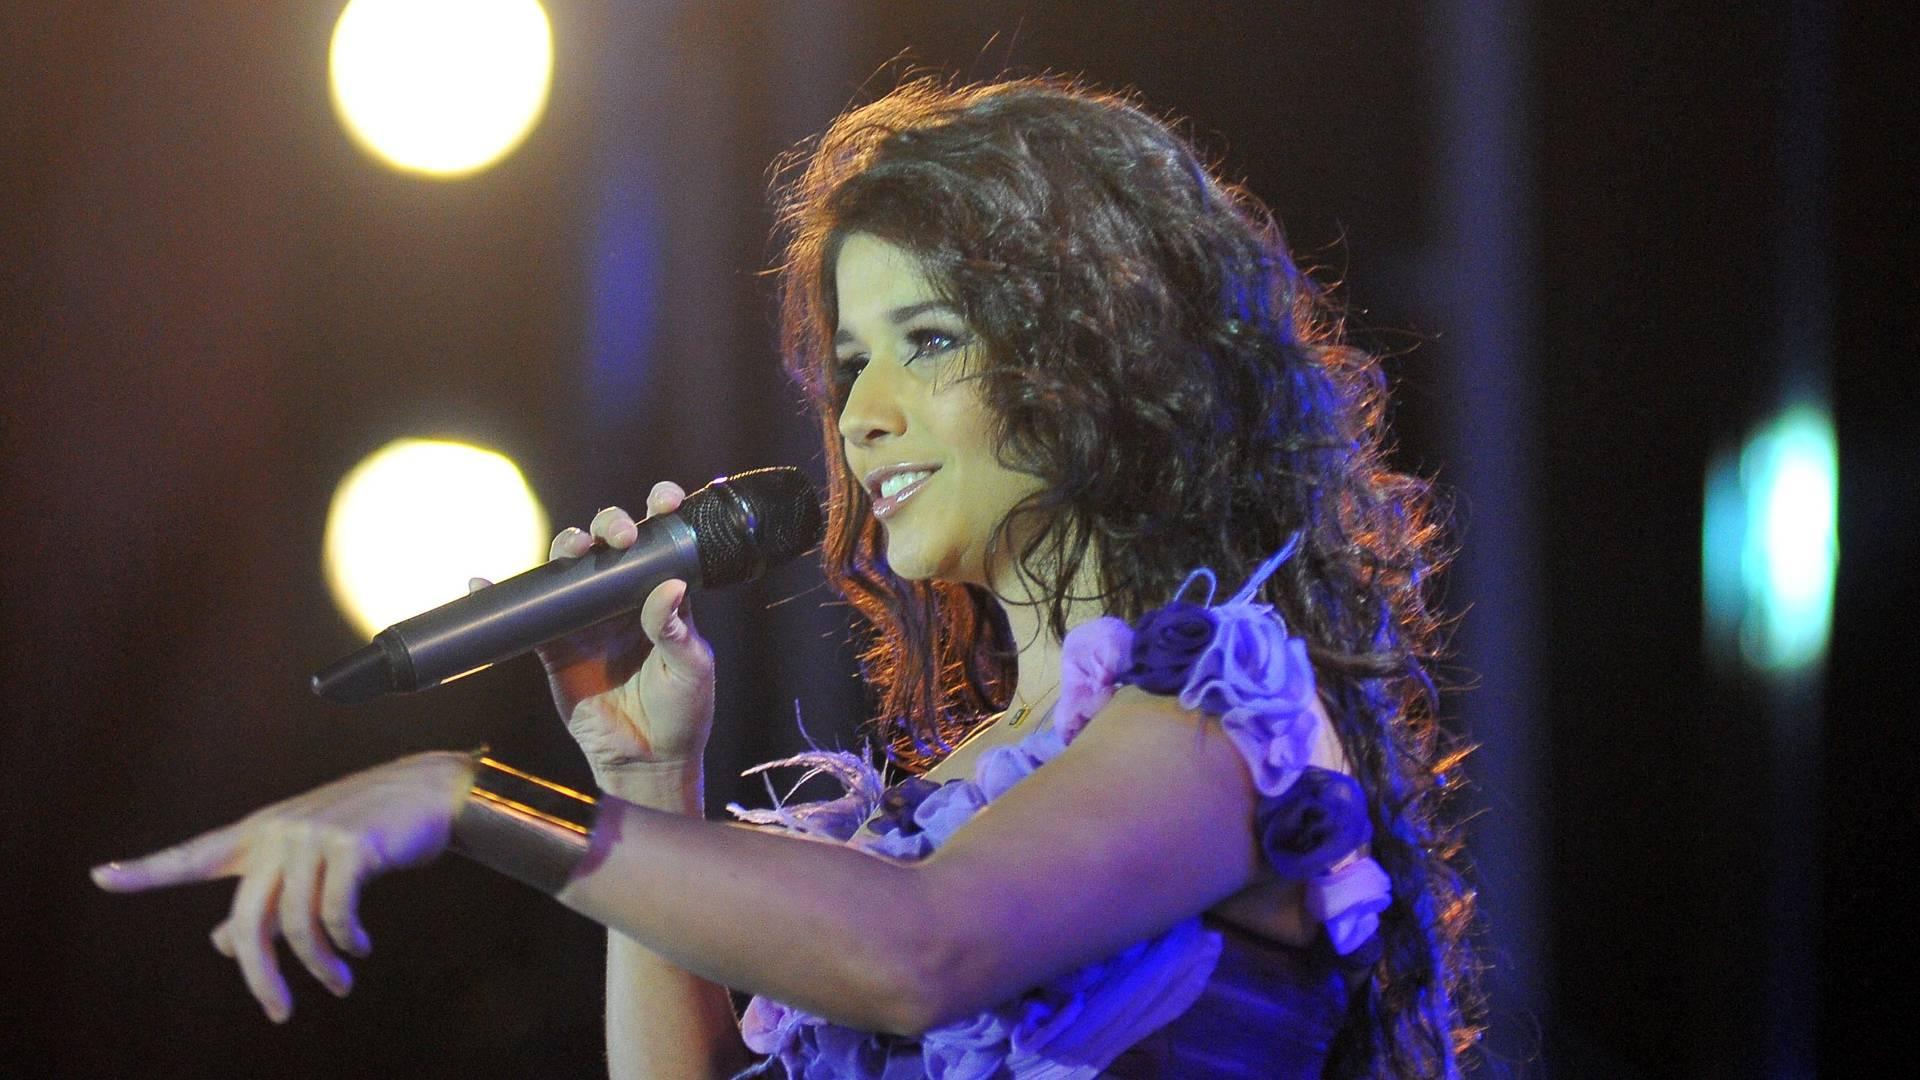 Cantora Paula Fernandes durante apresentação na Festa de Barretos (18/08/2011)